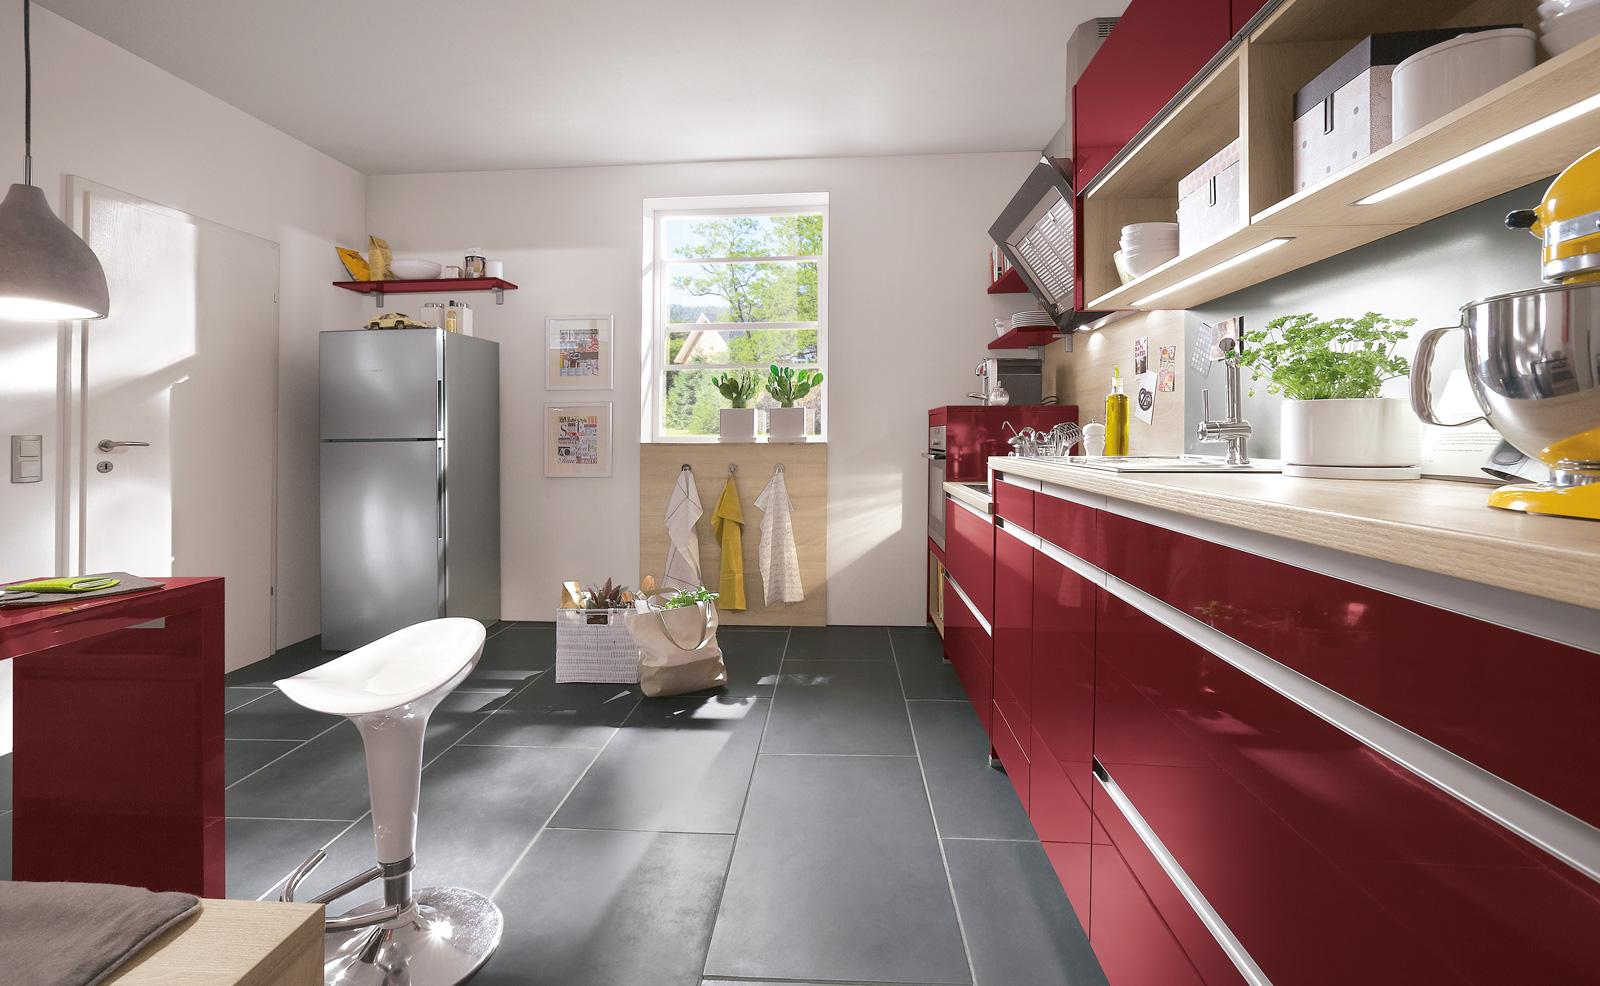 Großzügig Erstellen Küchendesign 3d Bilder - Küche Set Ideen ...